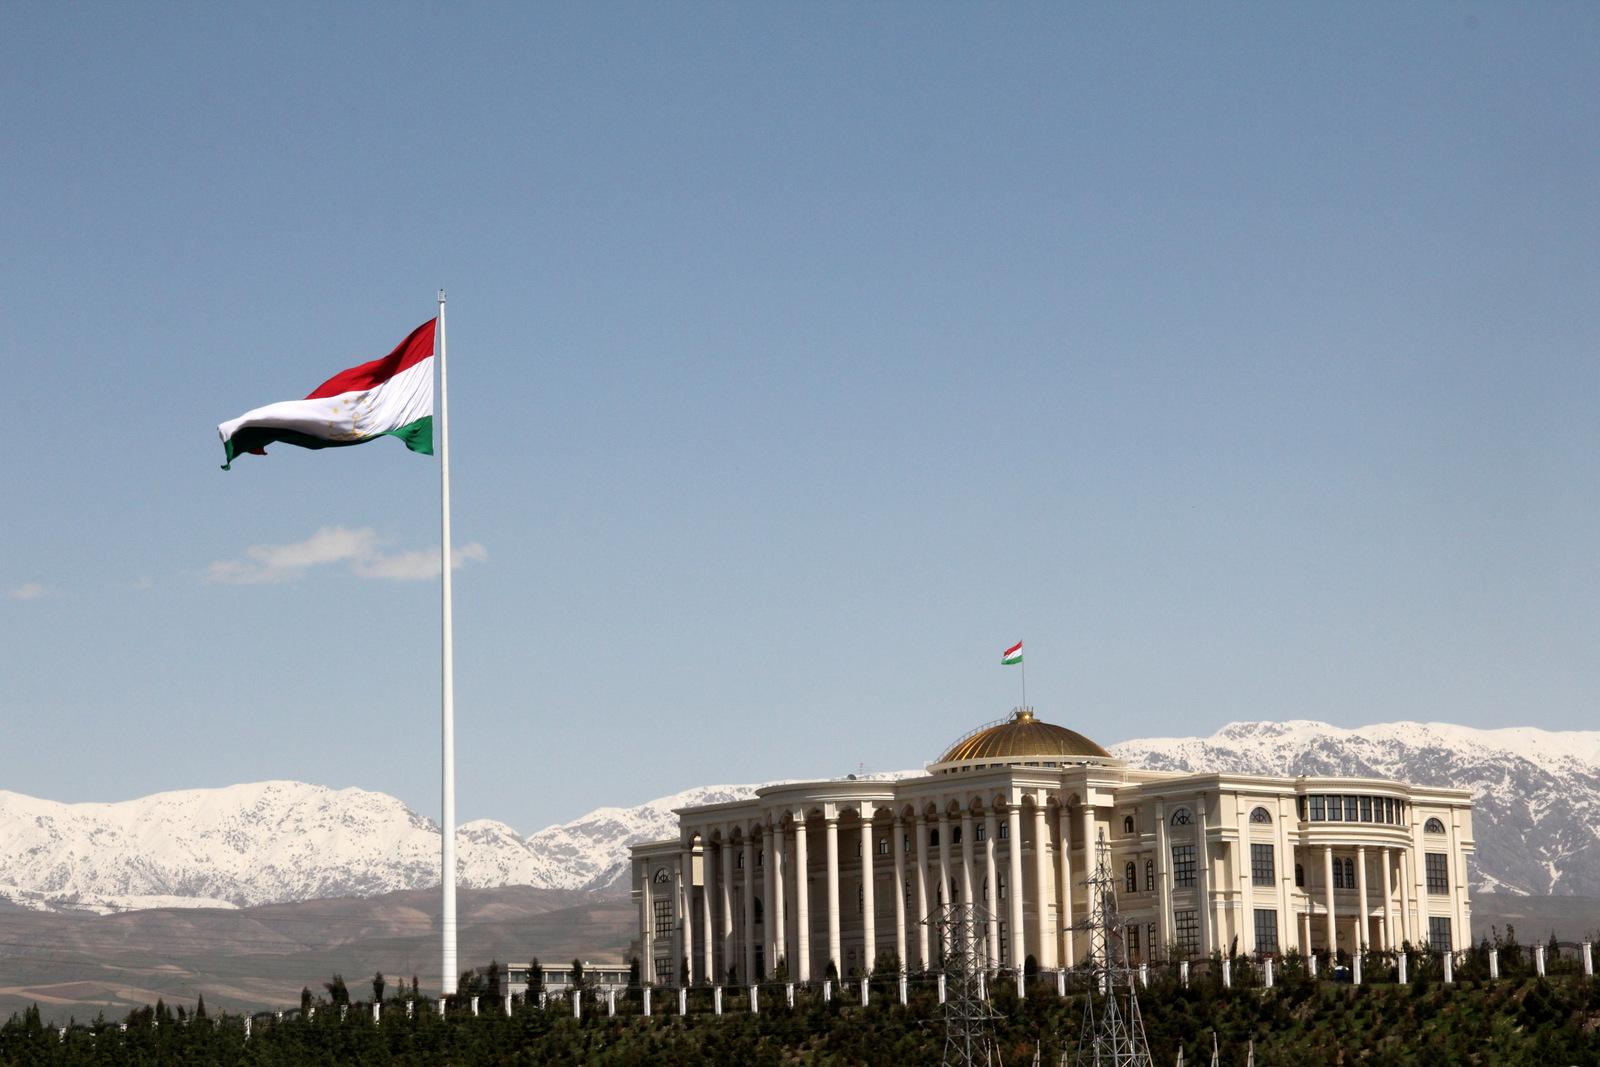 Мажилис Казахстана одобрил ратификацию соглашения о безвозмездной военно-технической помощи Таджикистану